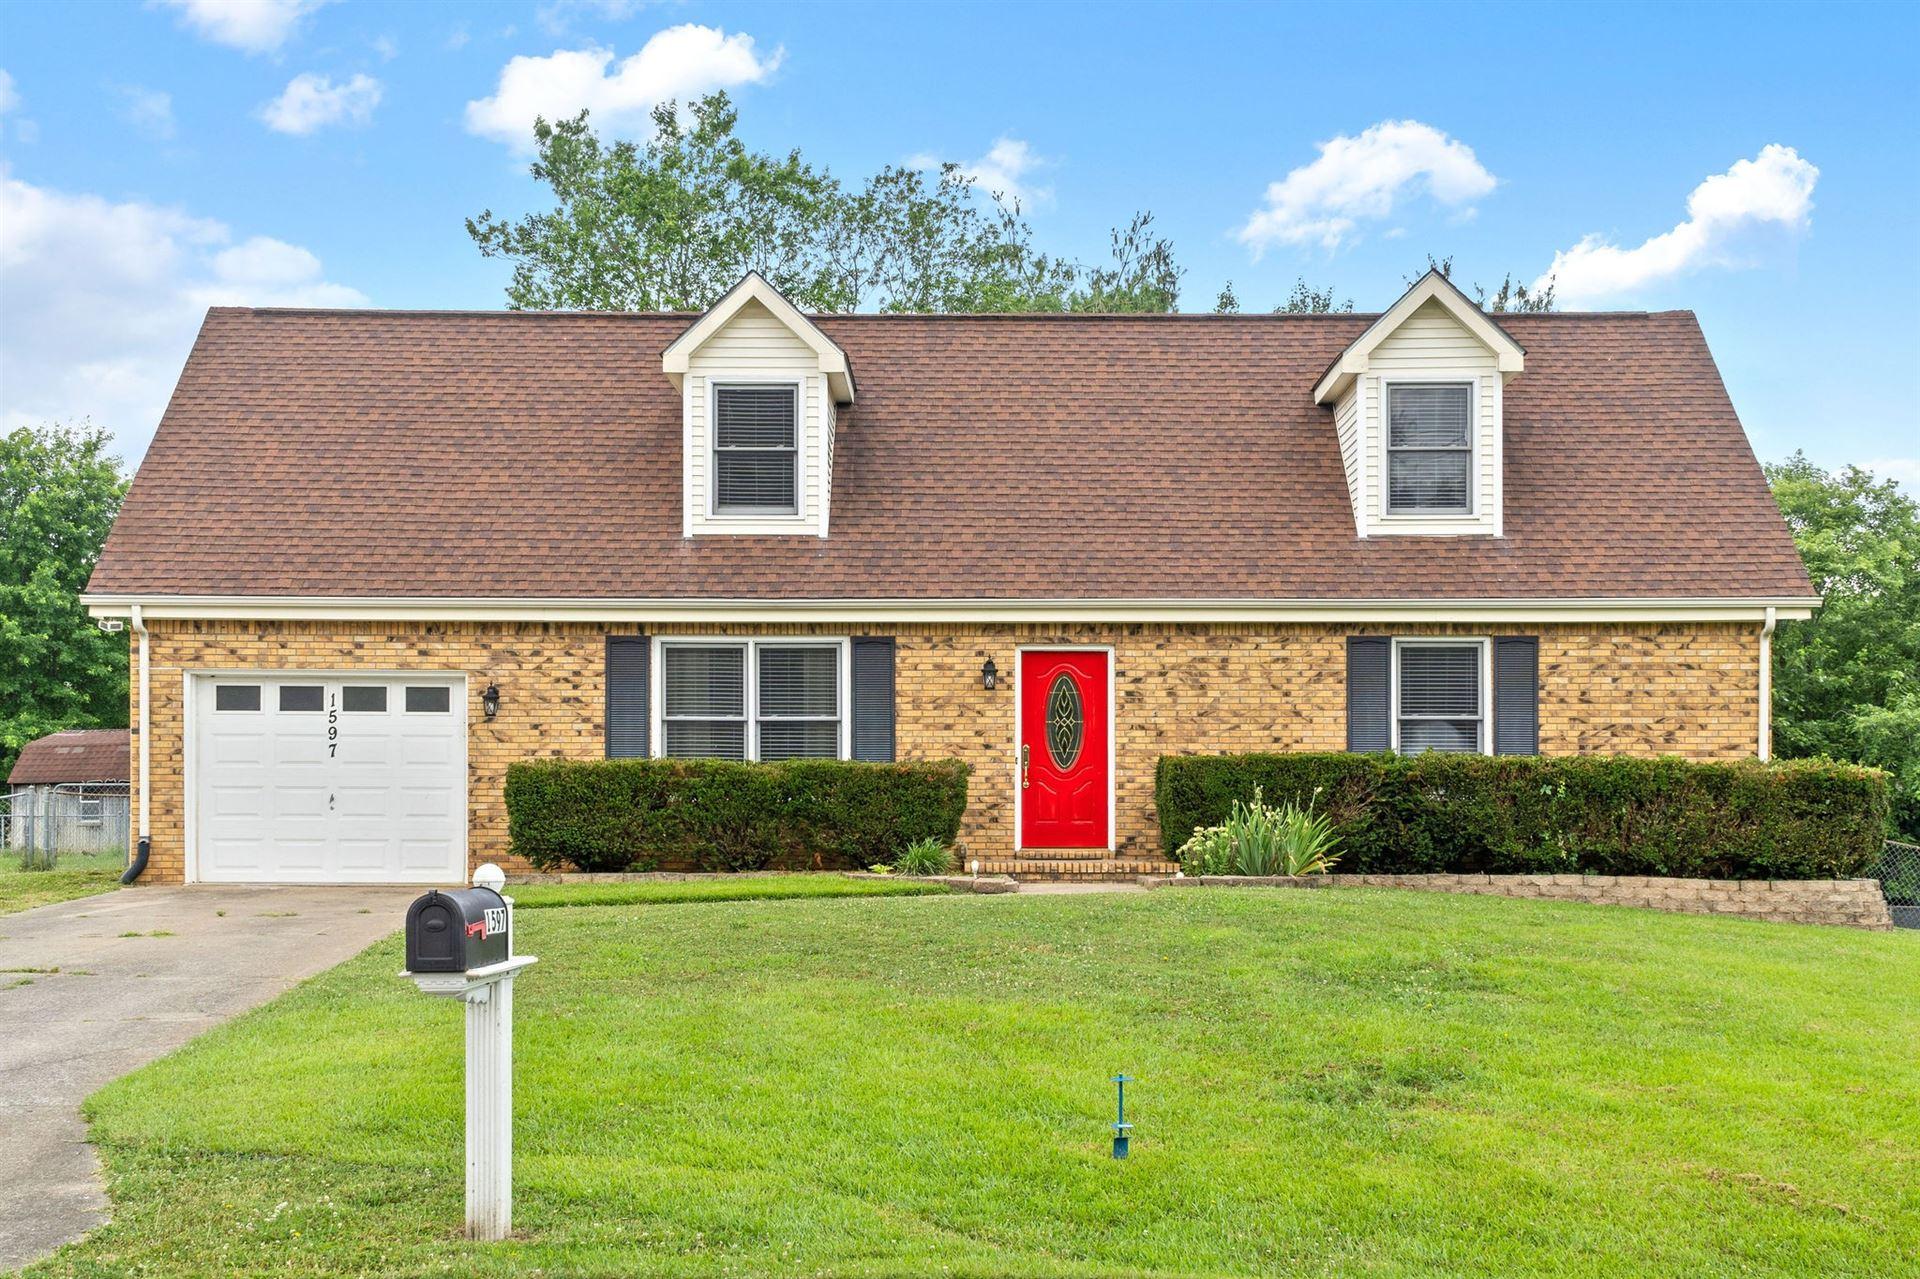 1597 Baynesview Dr, Clarksville, TN 37043 - MLS#: 2265451